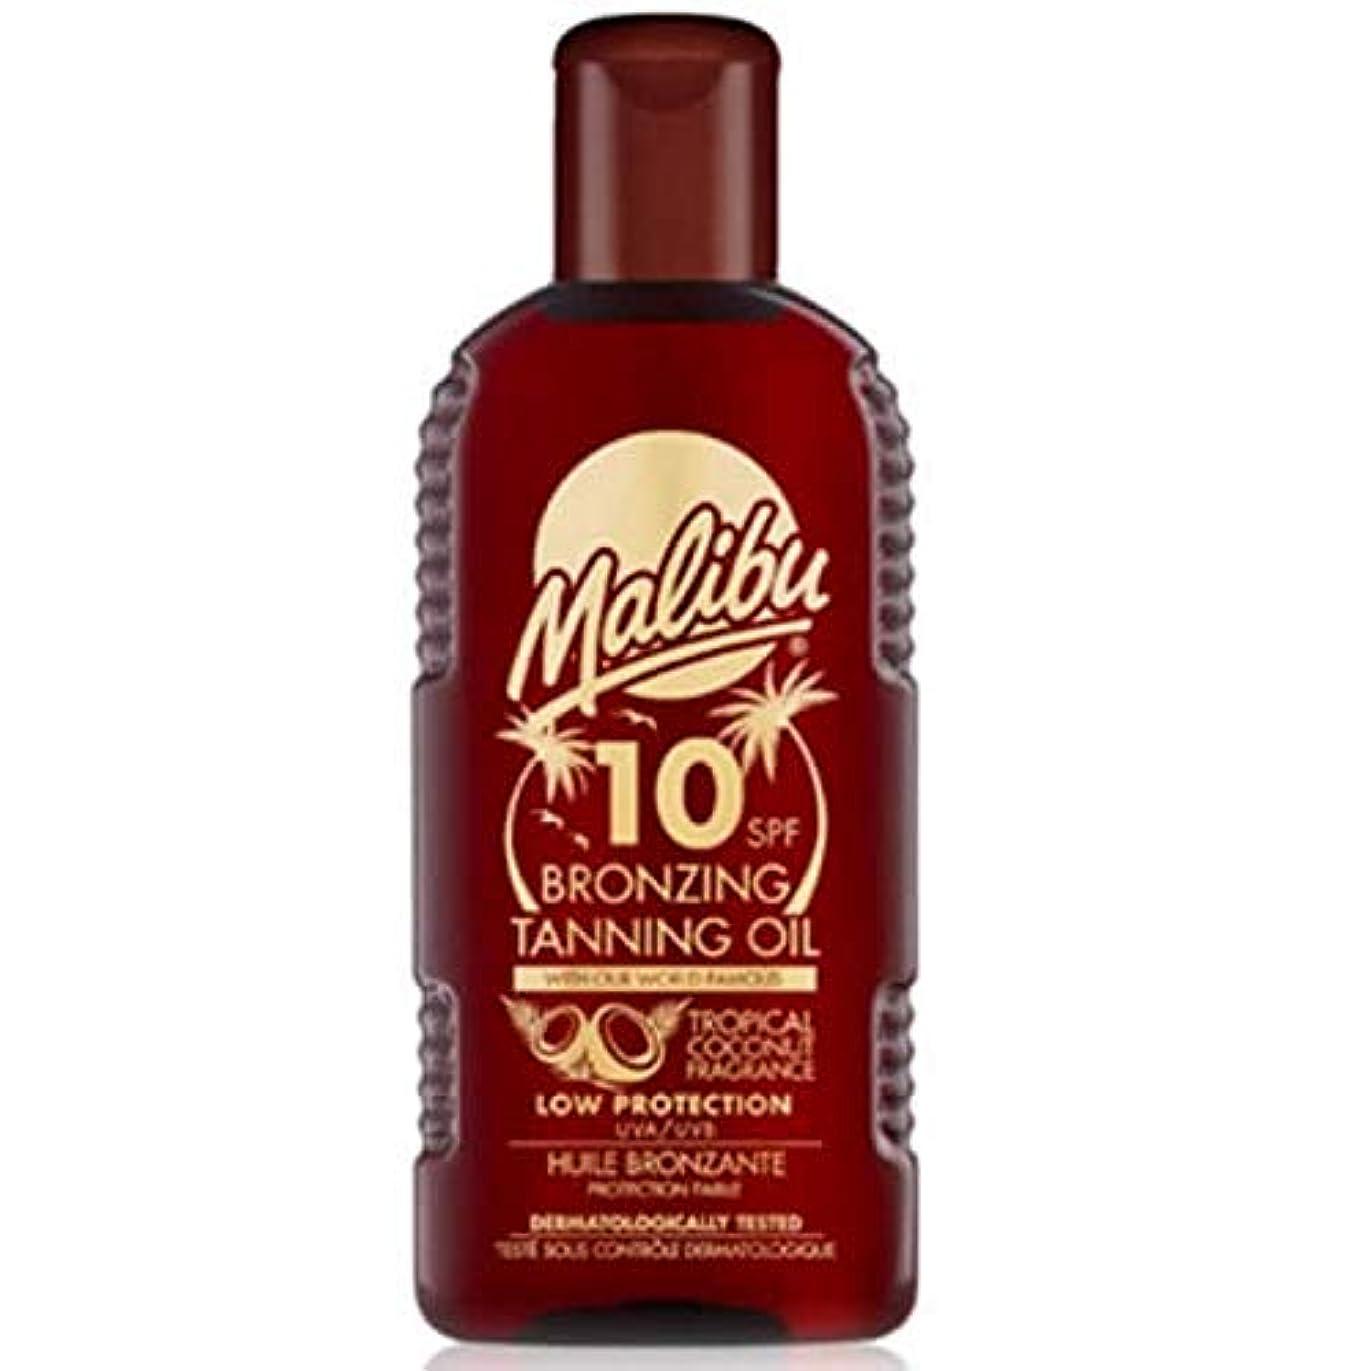 慣習忘れられない減少[Malibu ] マリブブロンズ日焼けオイルSpf 10 - Malibu Bronzing Tanning Oil SPF 10 [並行輸入品]